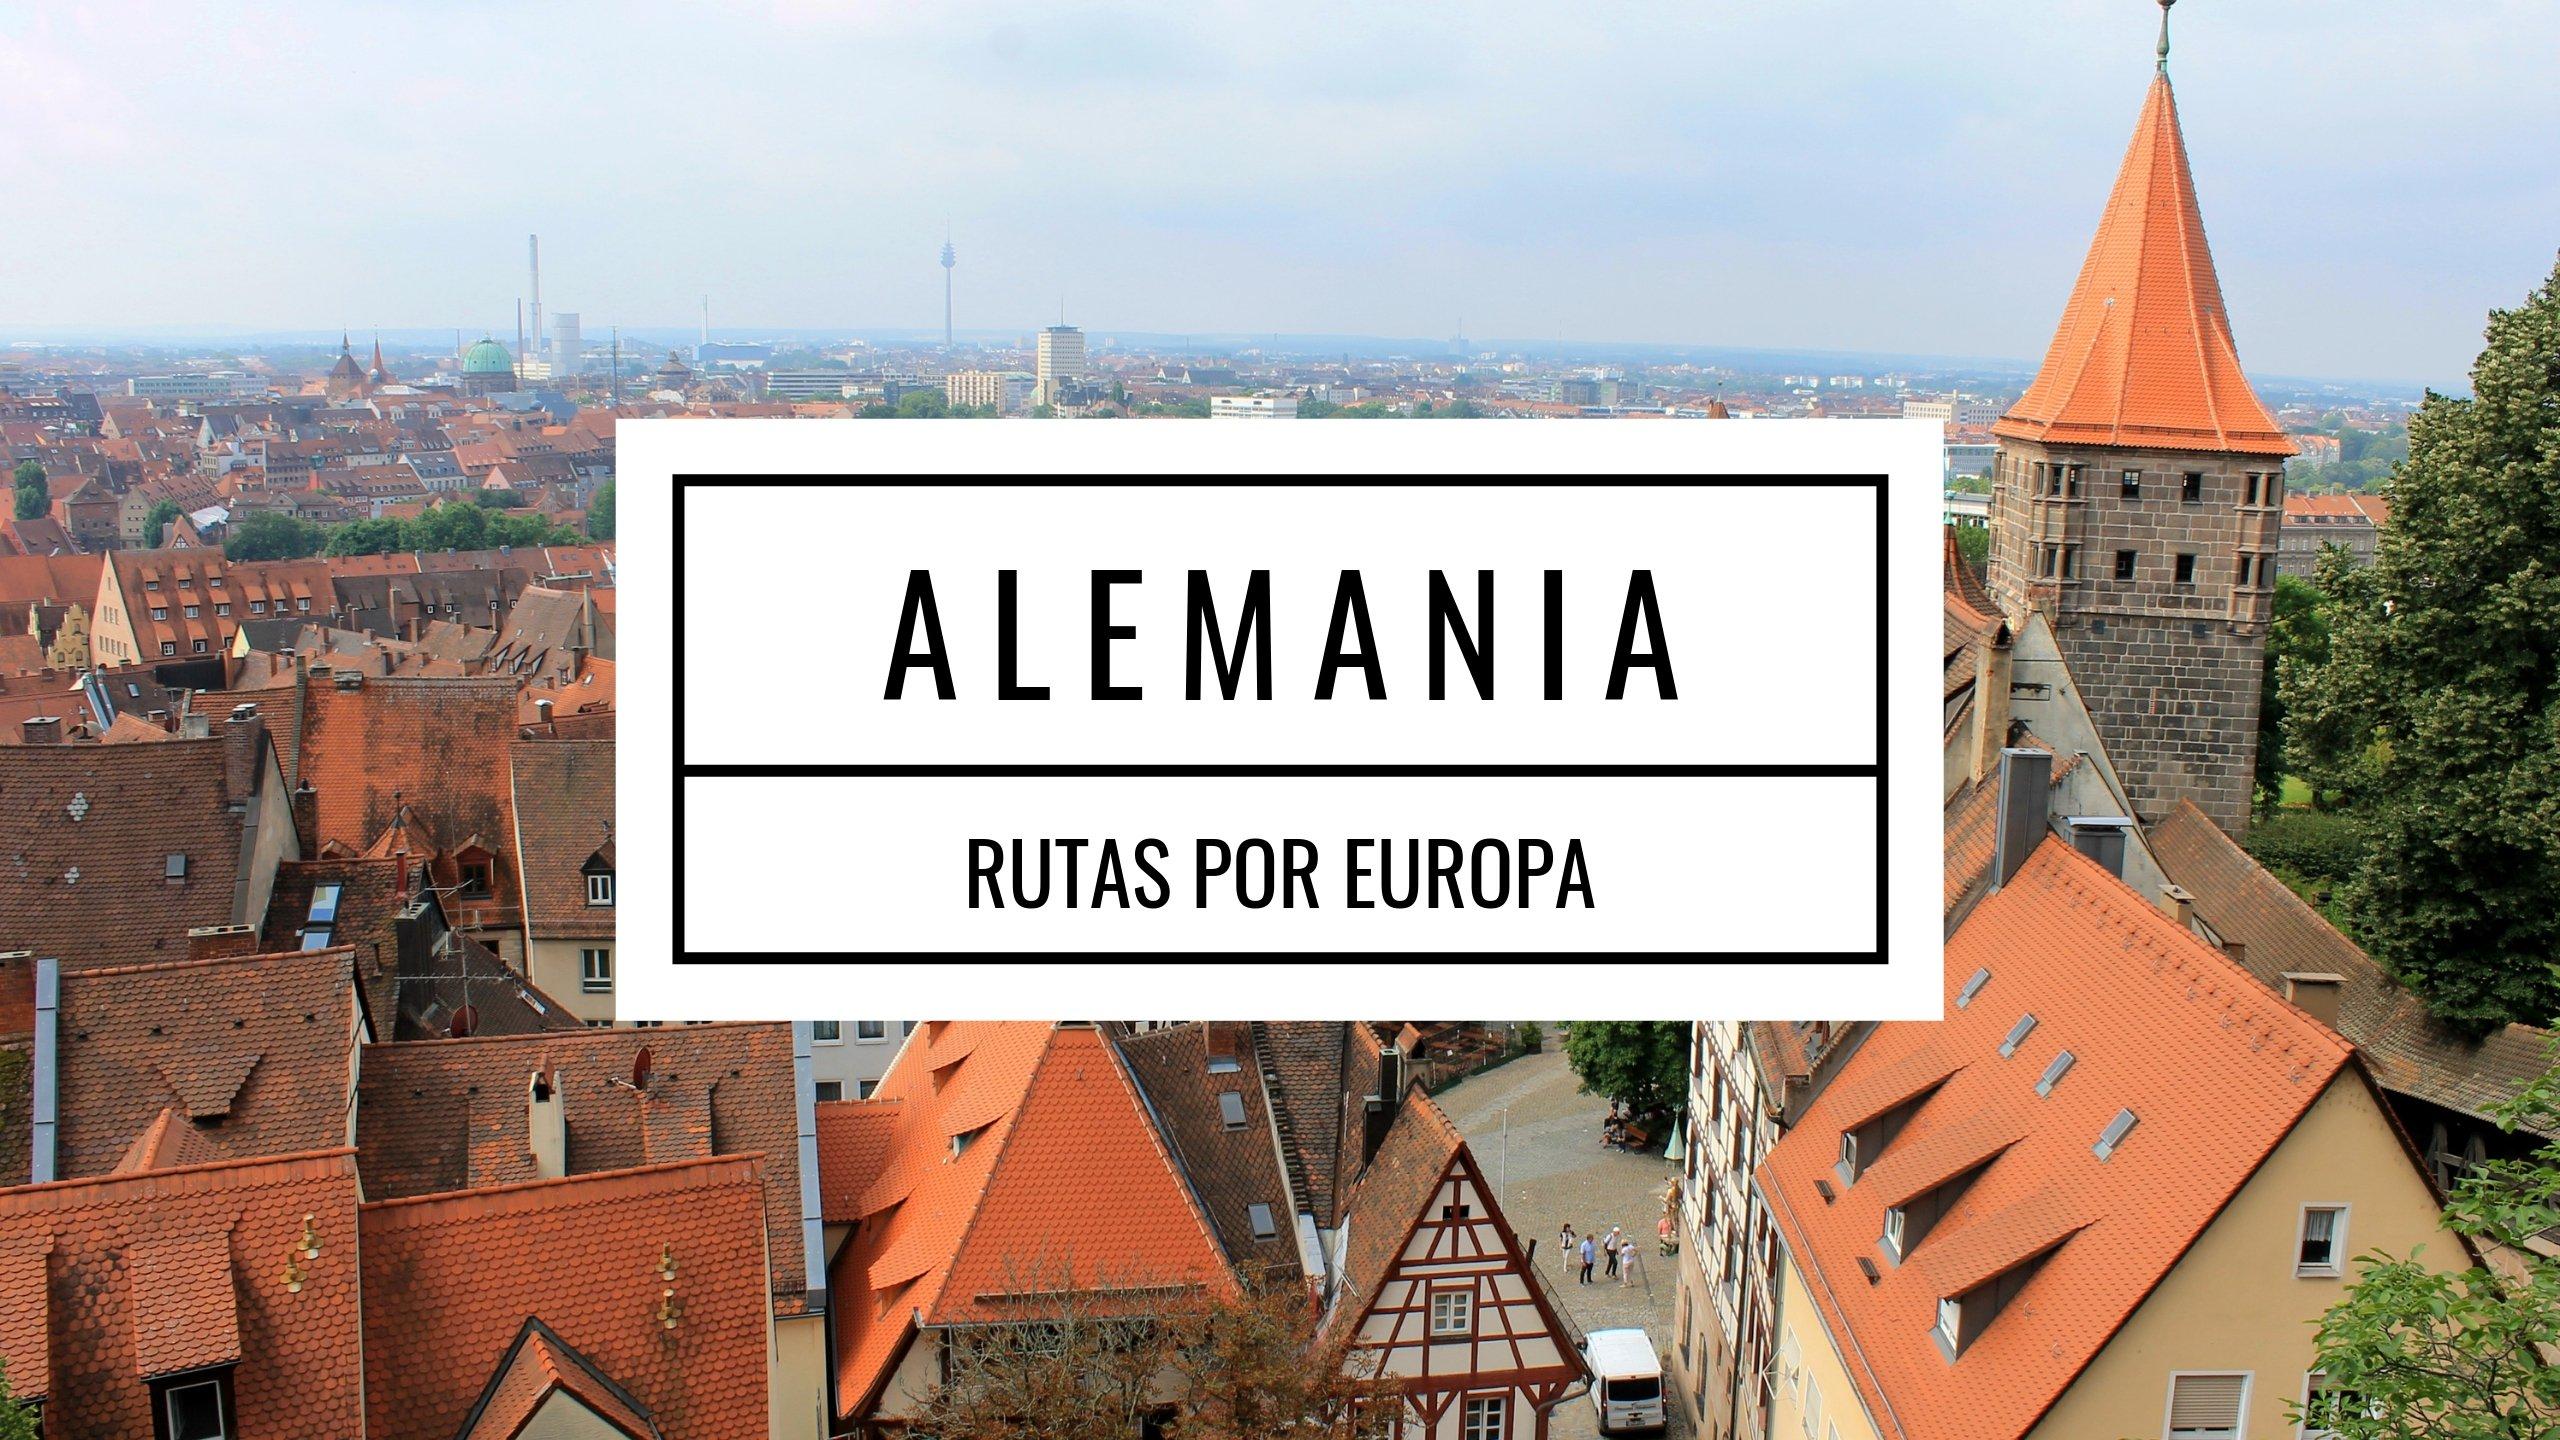 rutas por Europa - viajar a Alemania